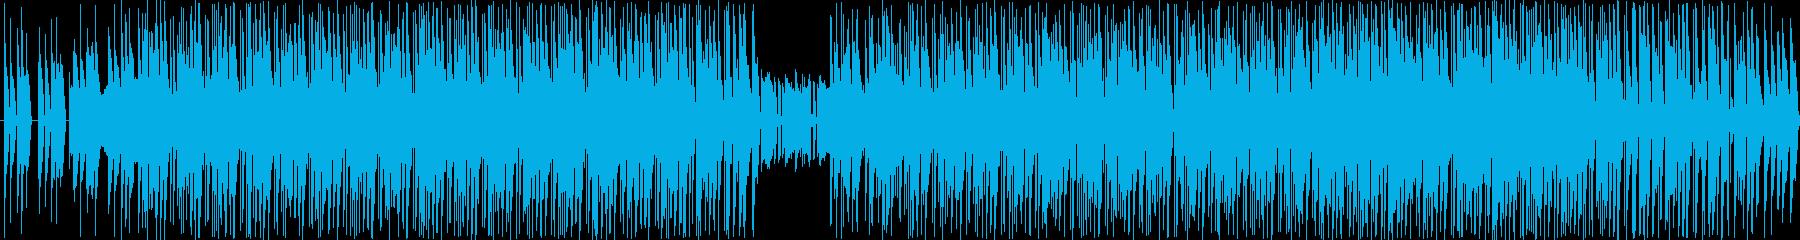 エレクトロ 技術的な 楽しげ お洒...の再生済みの波形